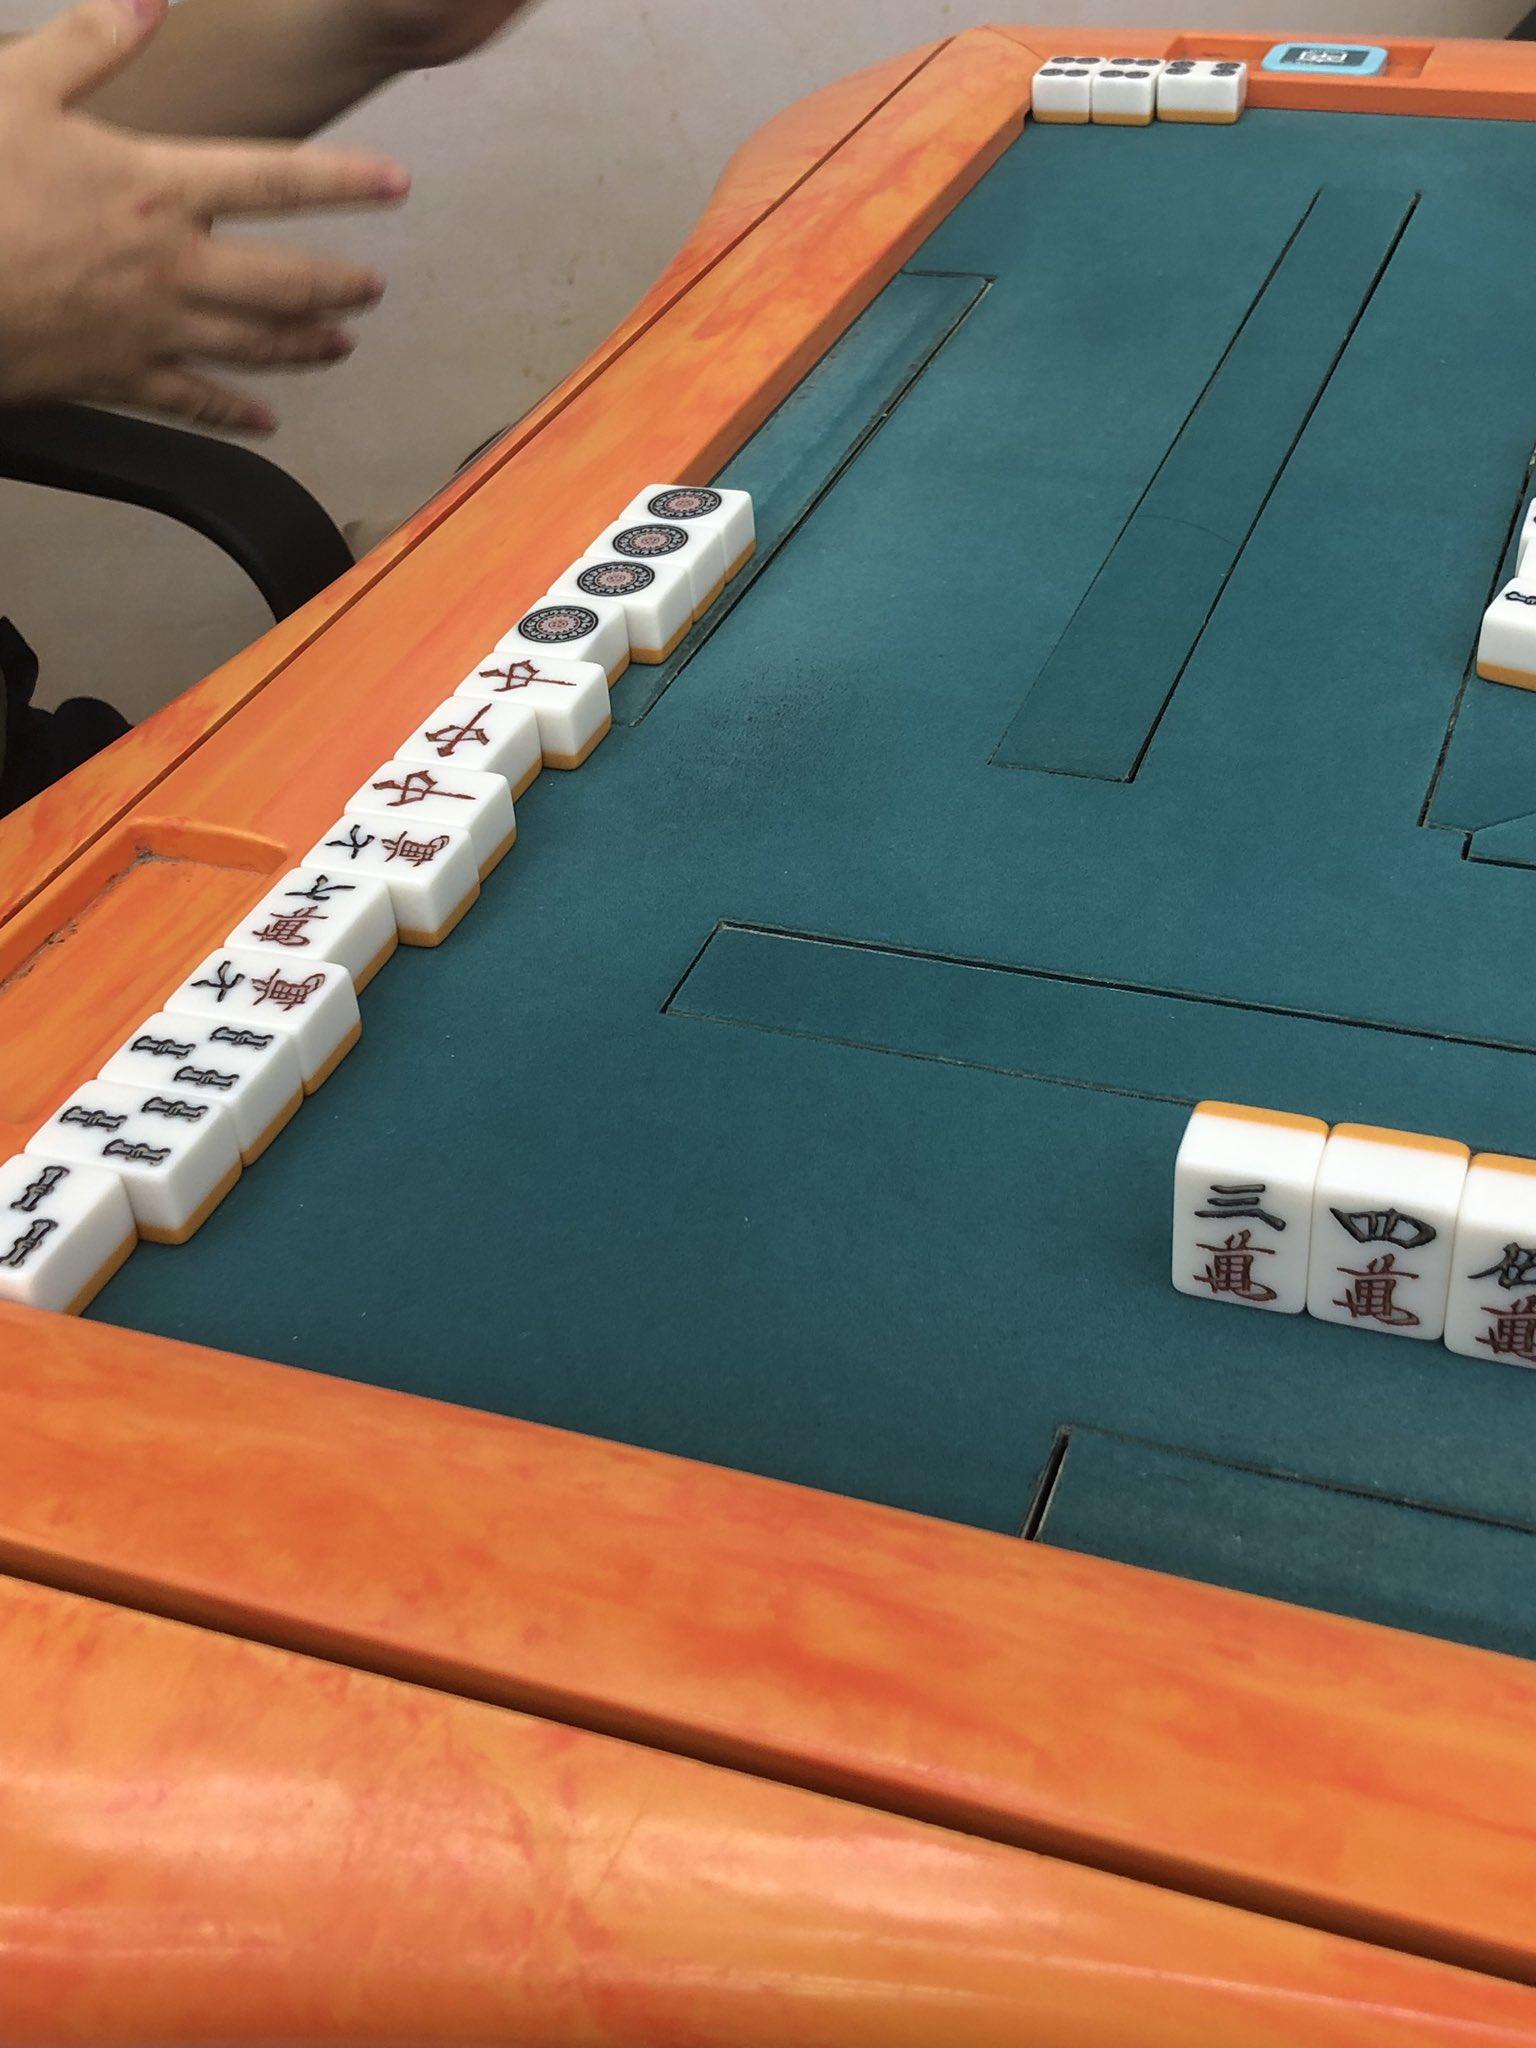 少牌後にカンして手牌0枚になった人が現れて今までの麻雀人生で一番笑った